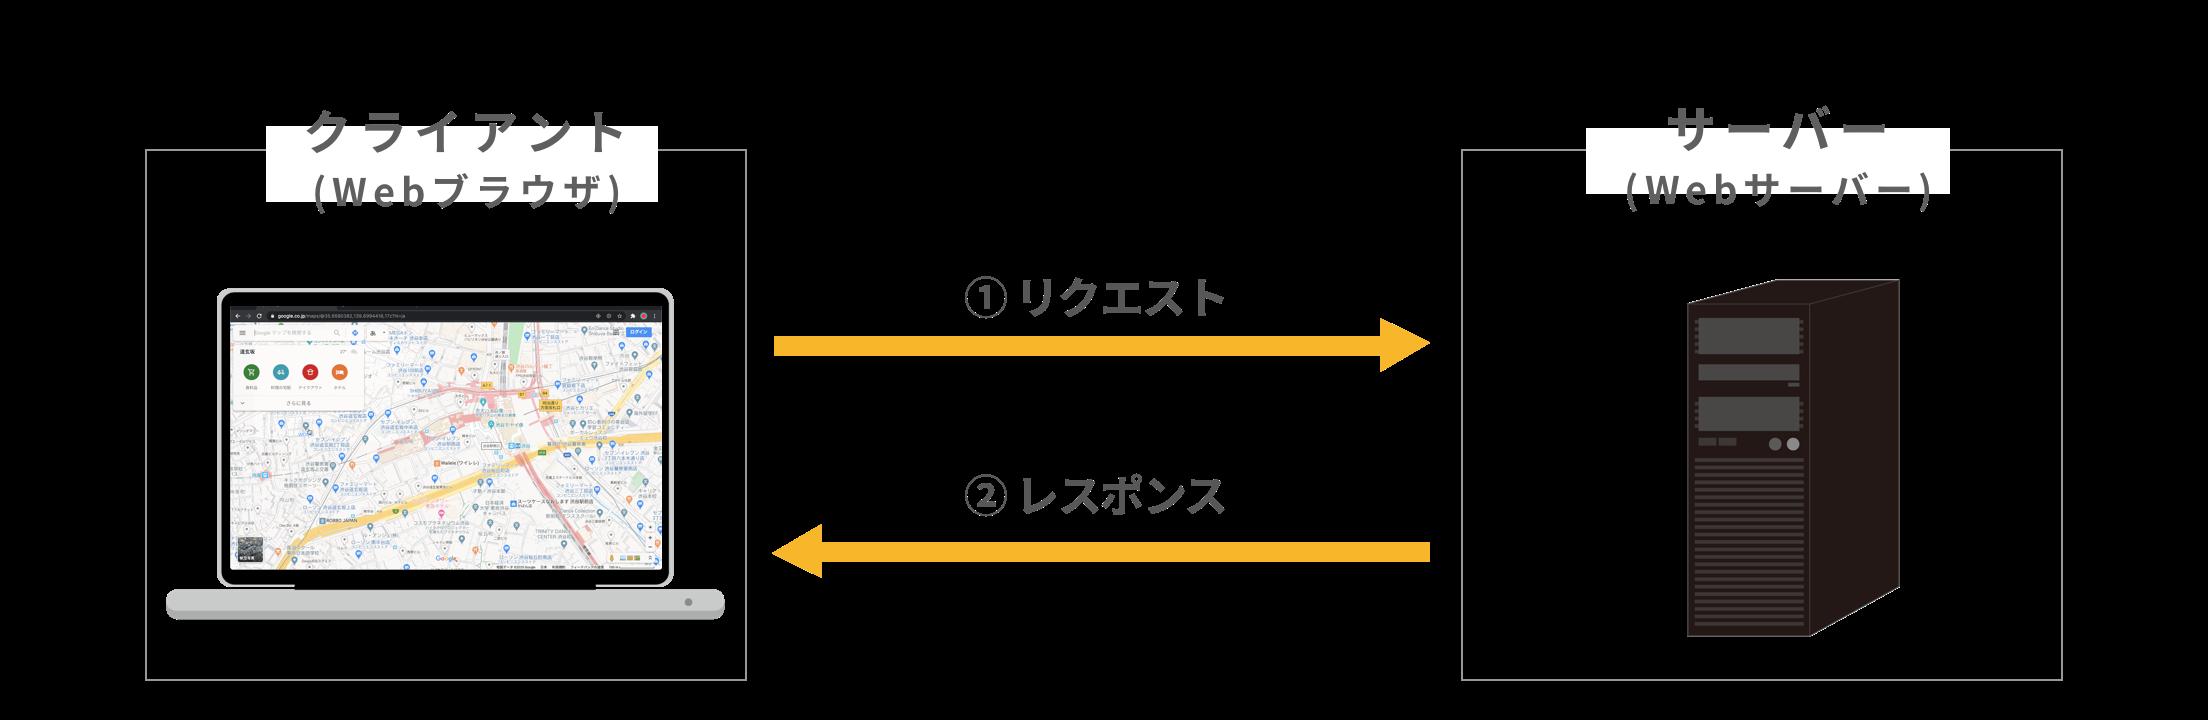 同期通信の仕組み